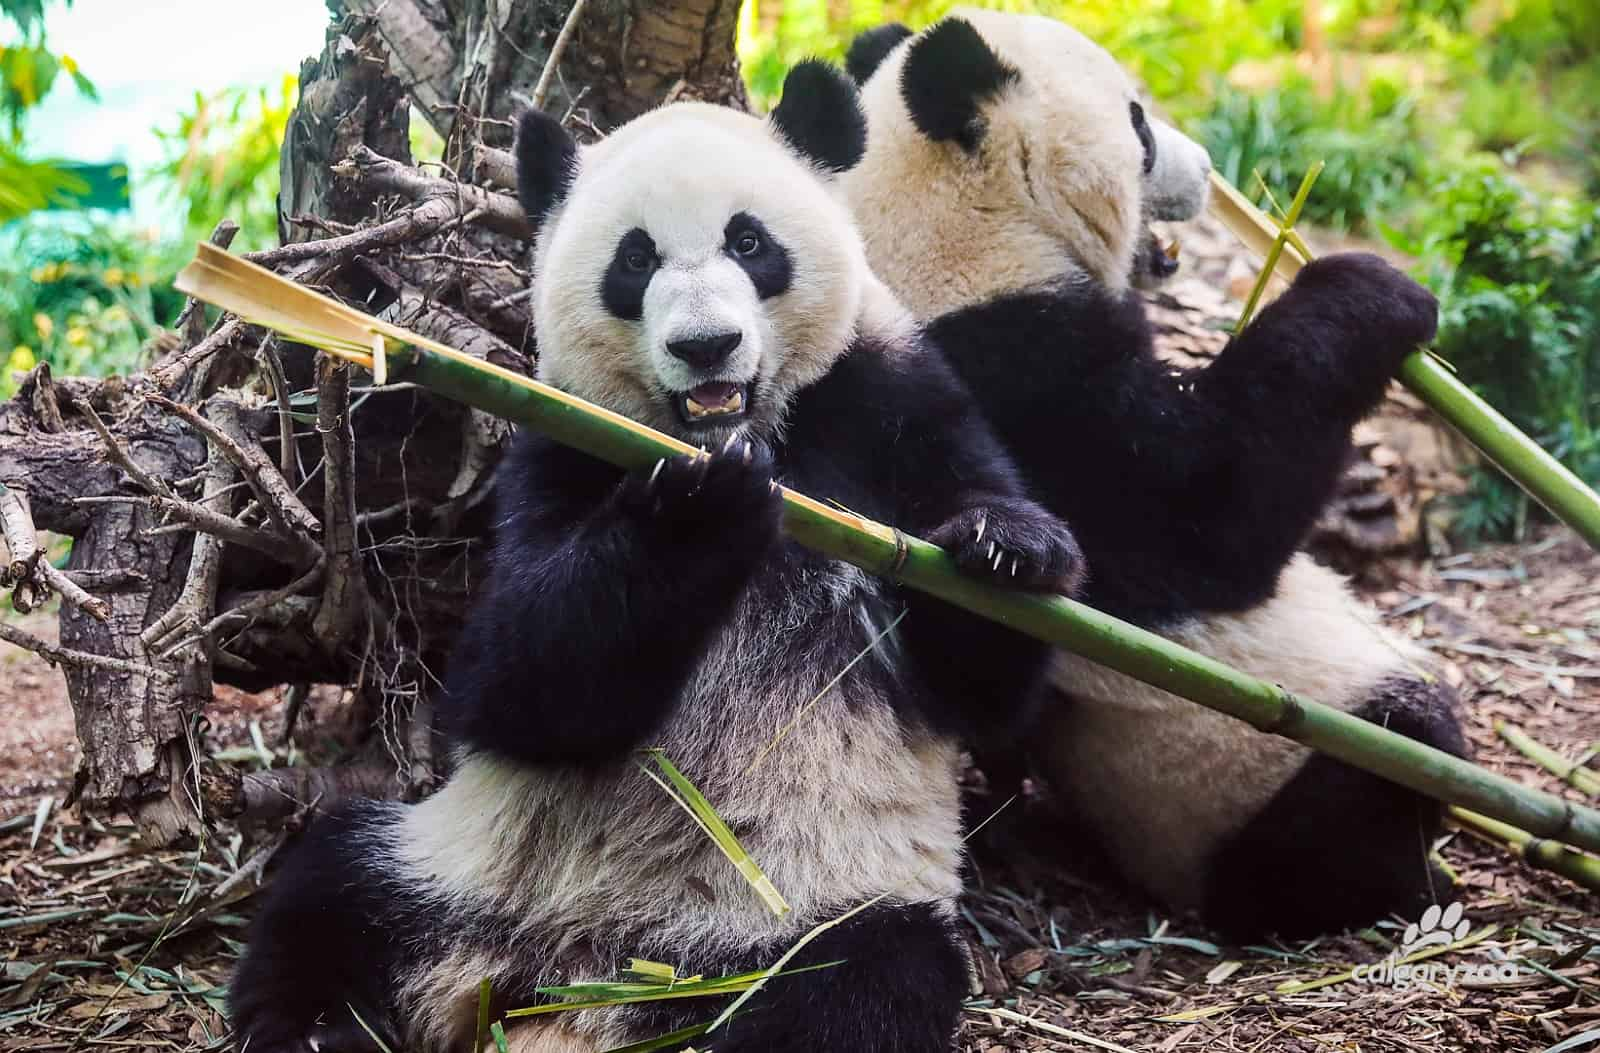 Publikumslieblinge mit viel Pflegebedarf, die Großen Pandas. Foto Calgary Zoo